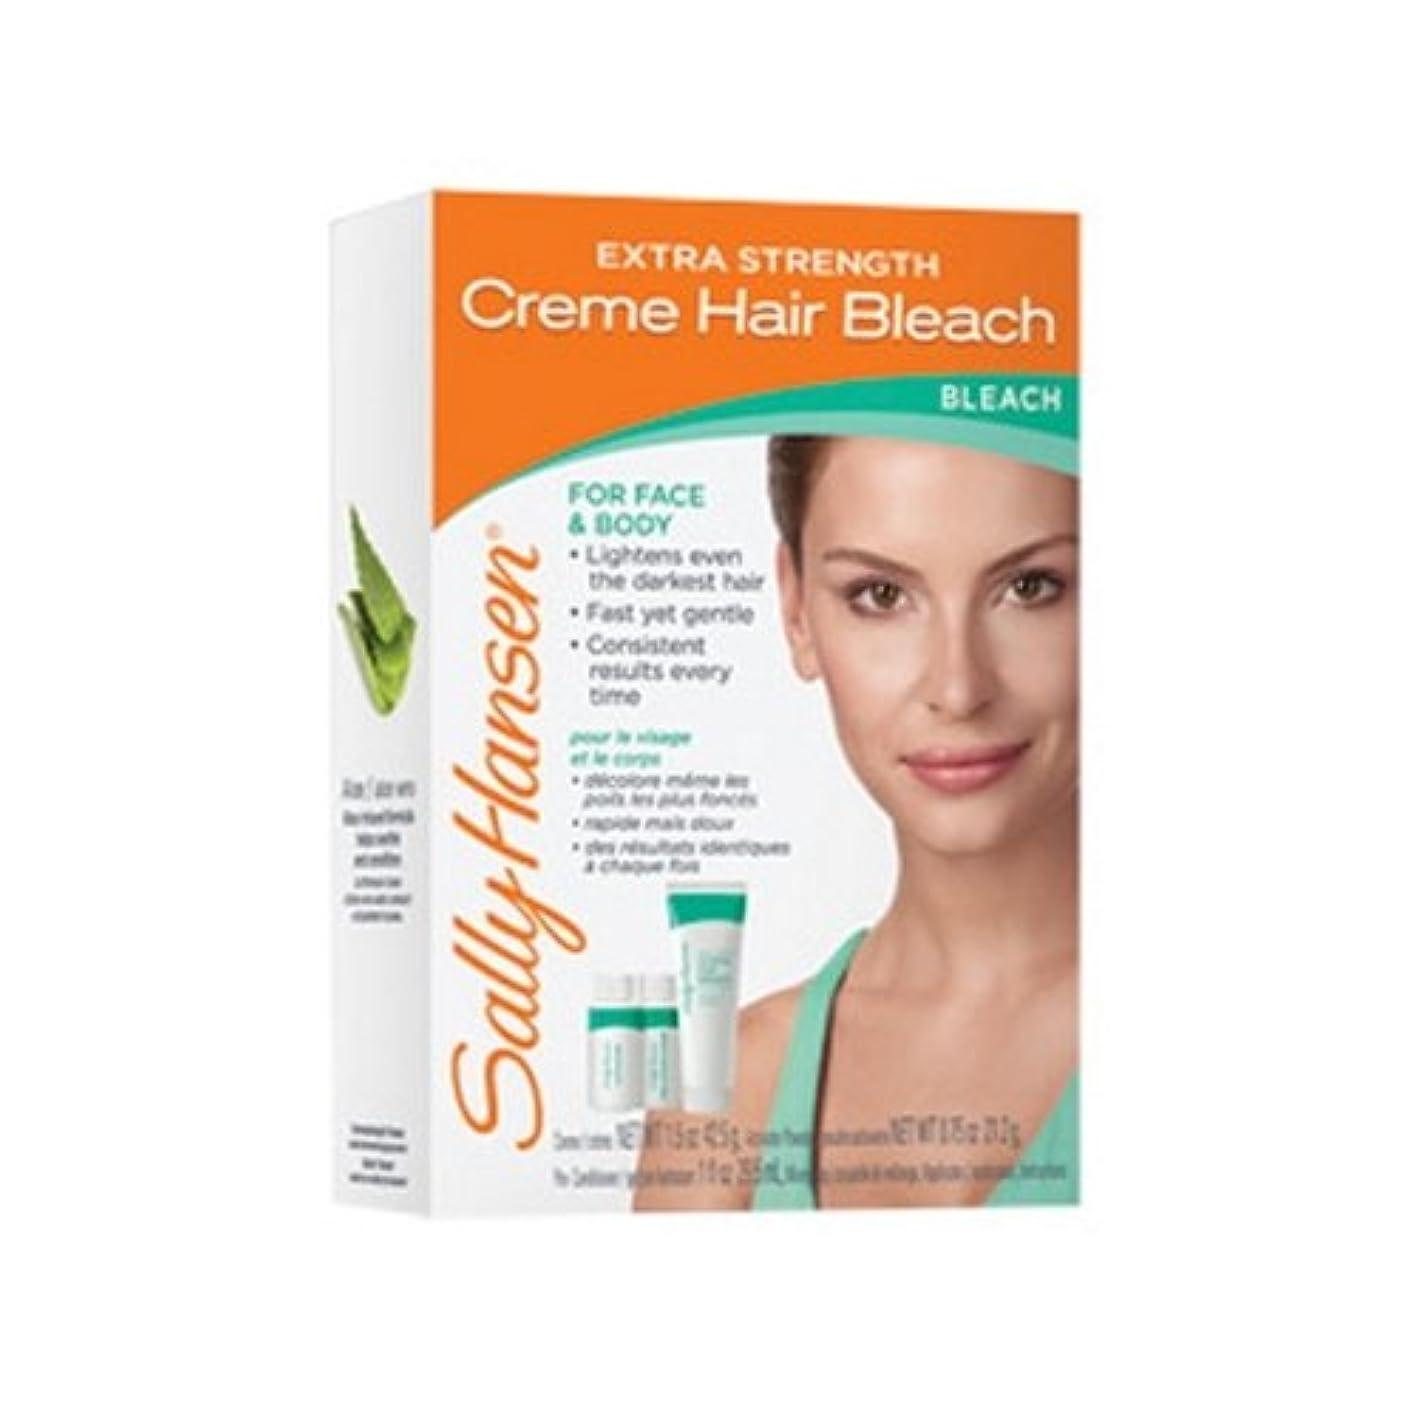 匹敵します裁量前文SALLY HANSEN Extra Strength Creme Hair Bleach for Face & Body - SH2010 (並行輸入品)